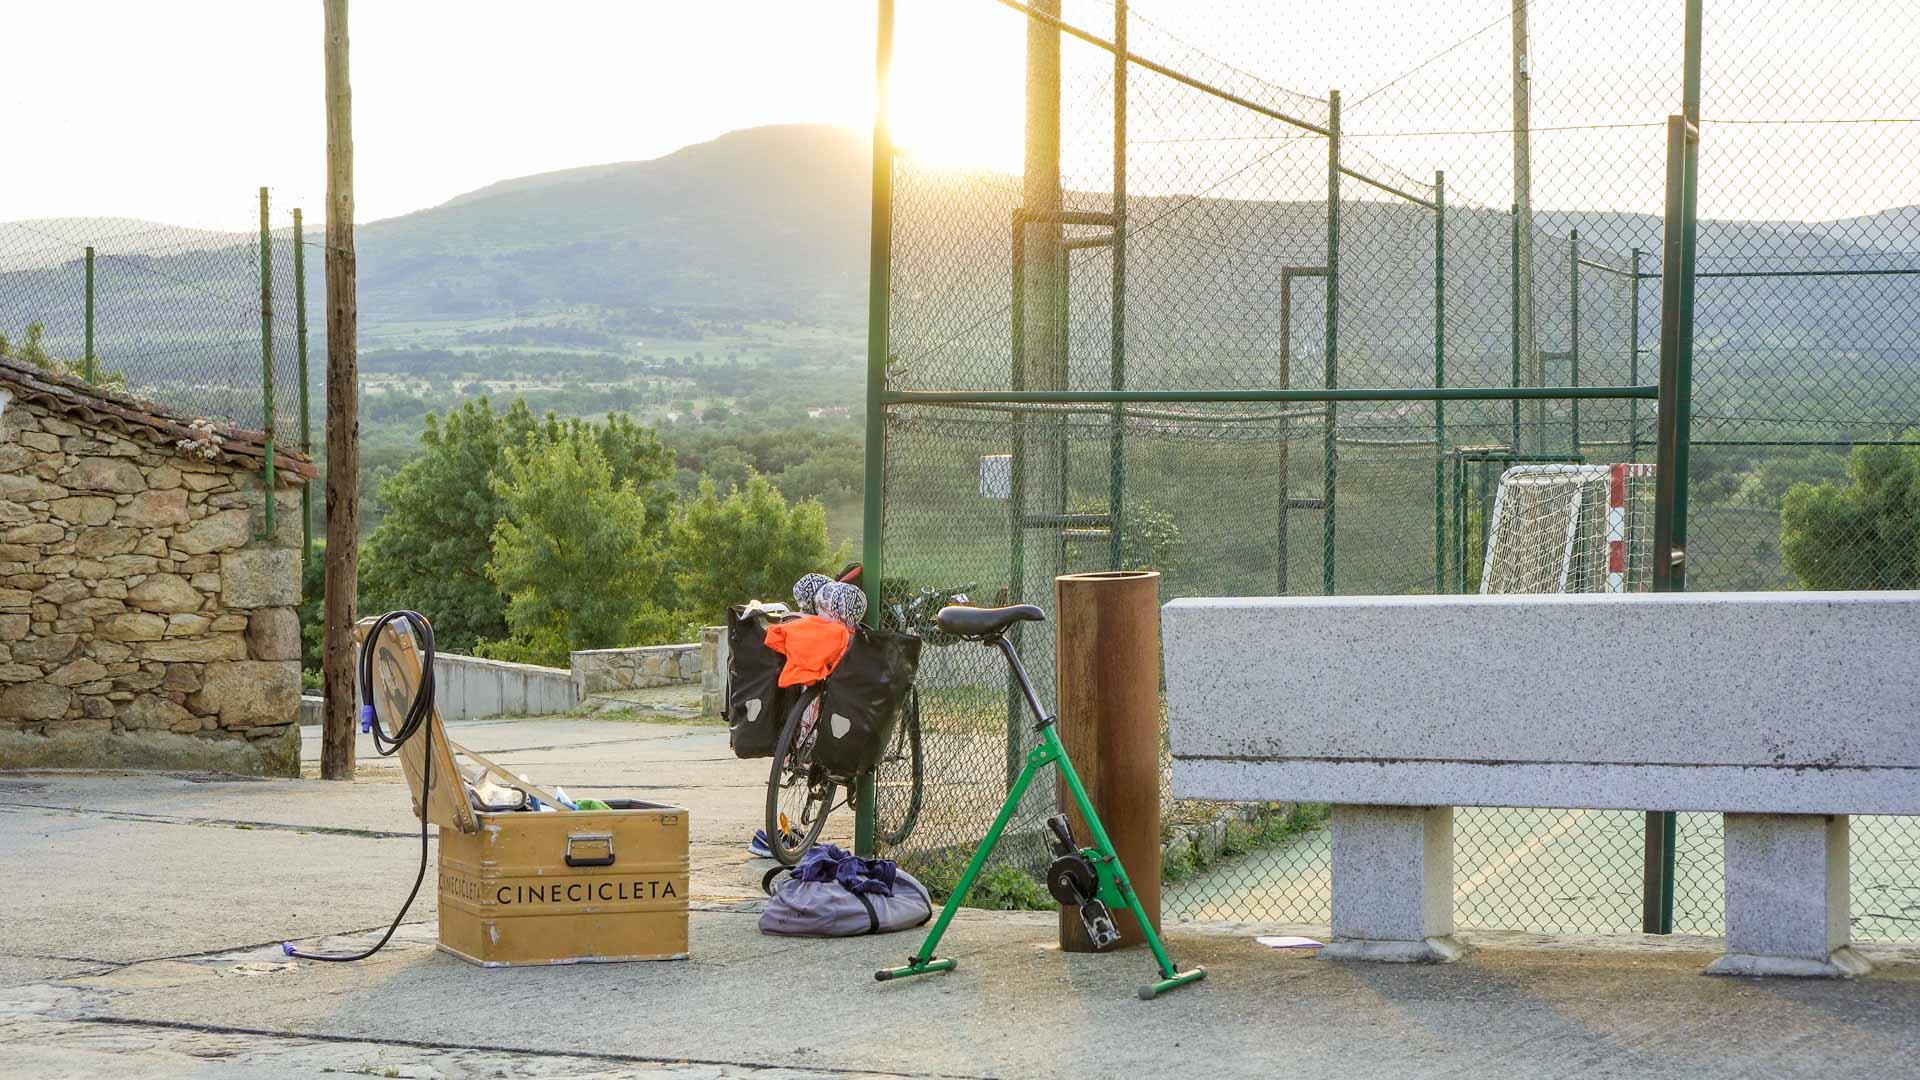 La cinecicleta en Madarcos, la primera parada de Cine a la fresca